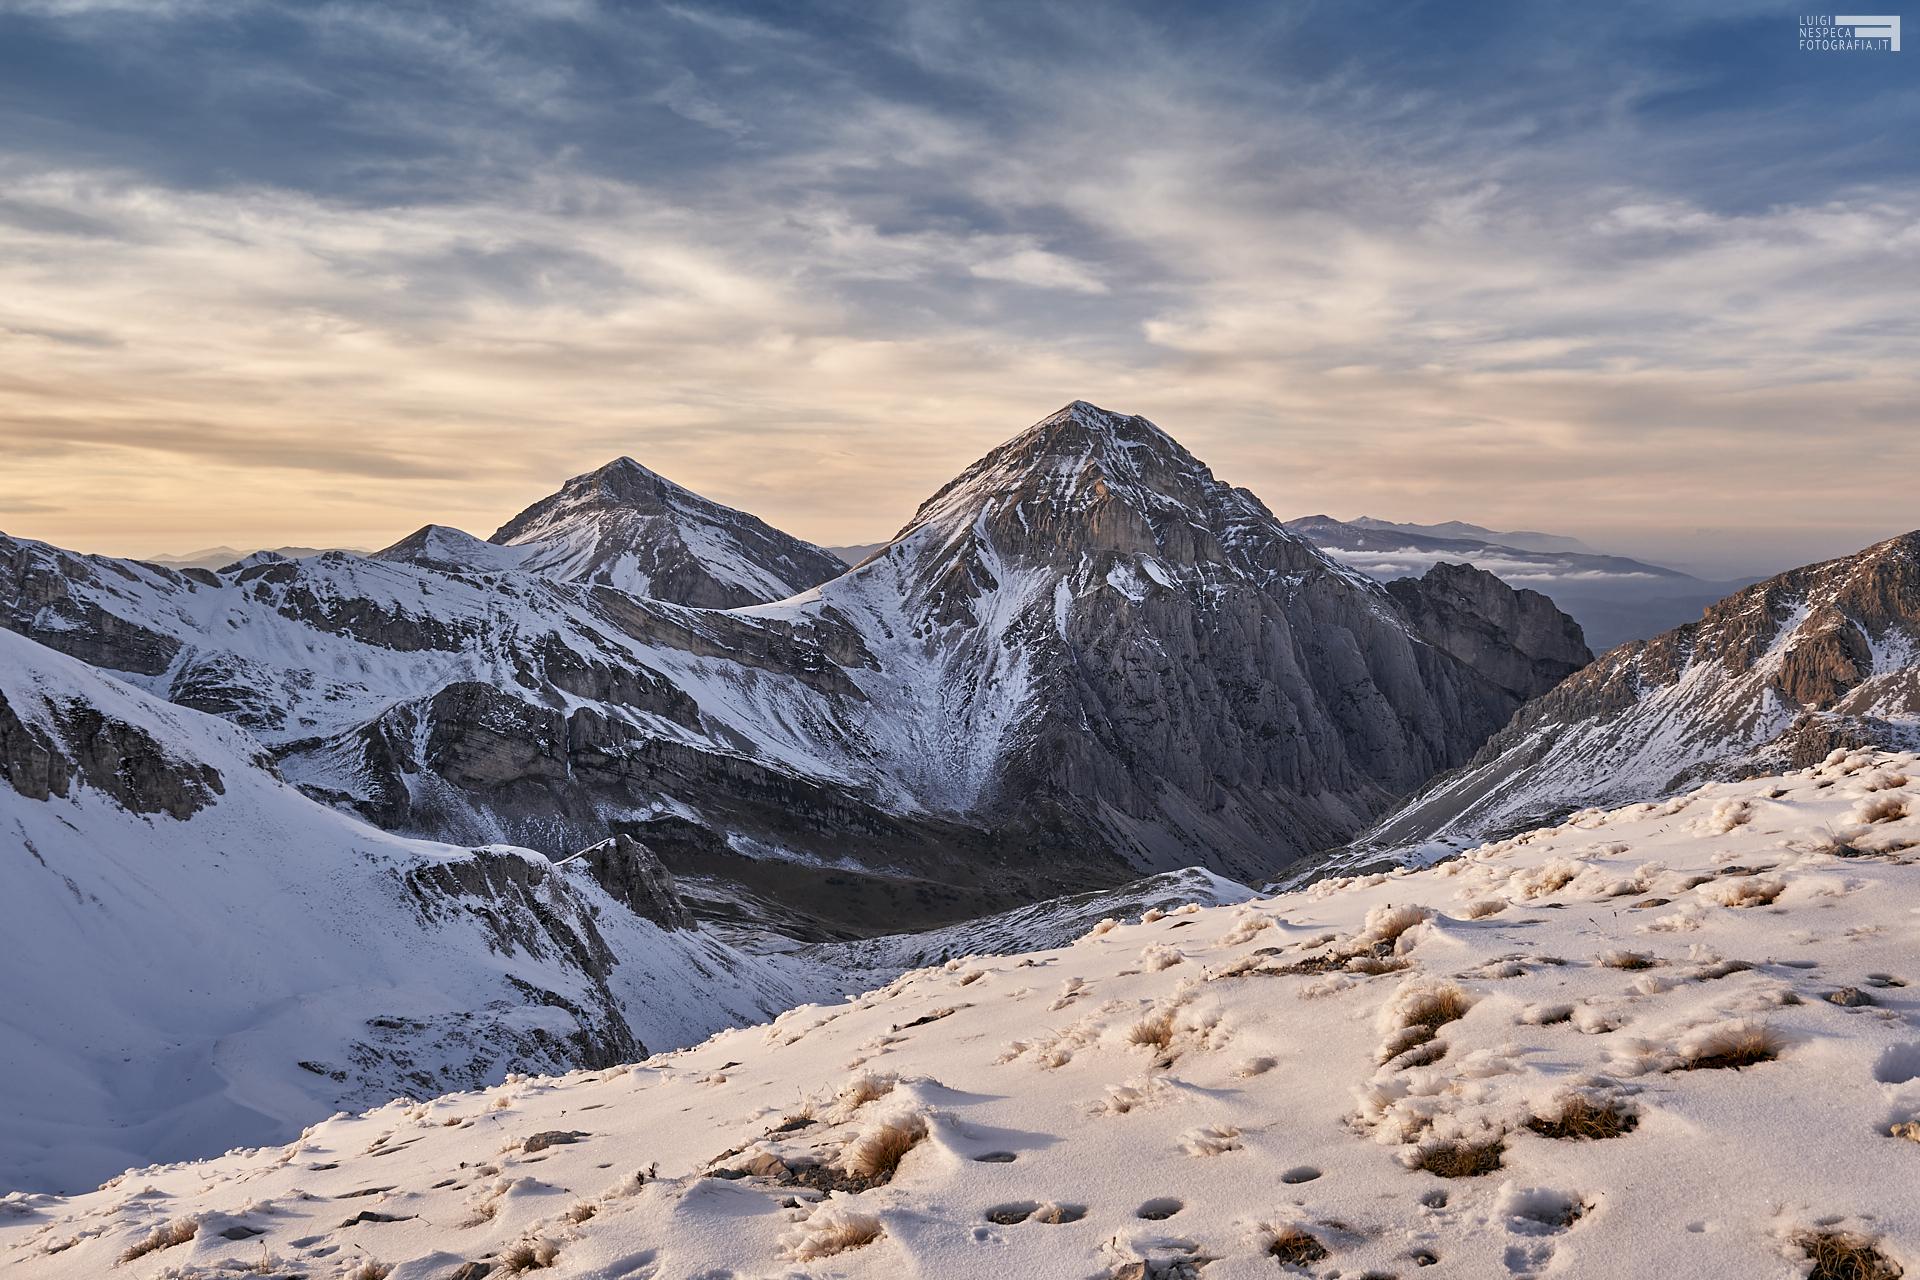 Ottobre 2020 - Prima neve sul Pizzo d'Intermesoli - GRAN SASSO